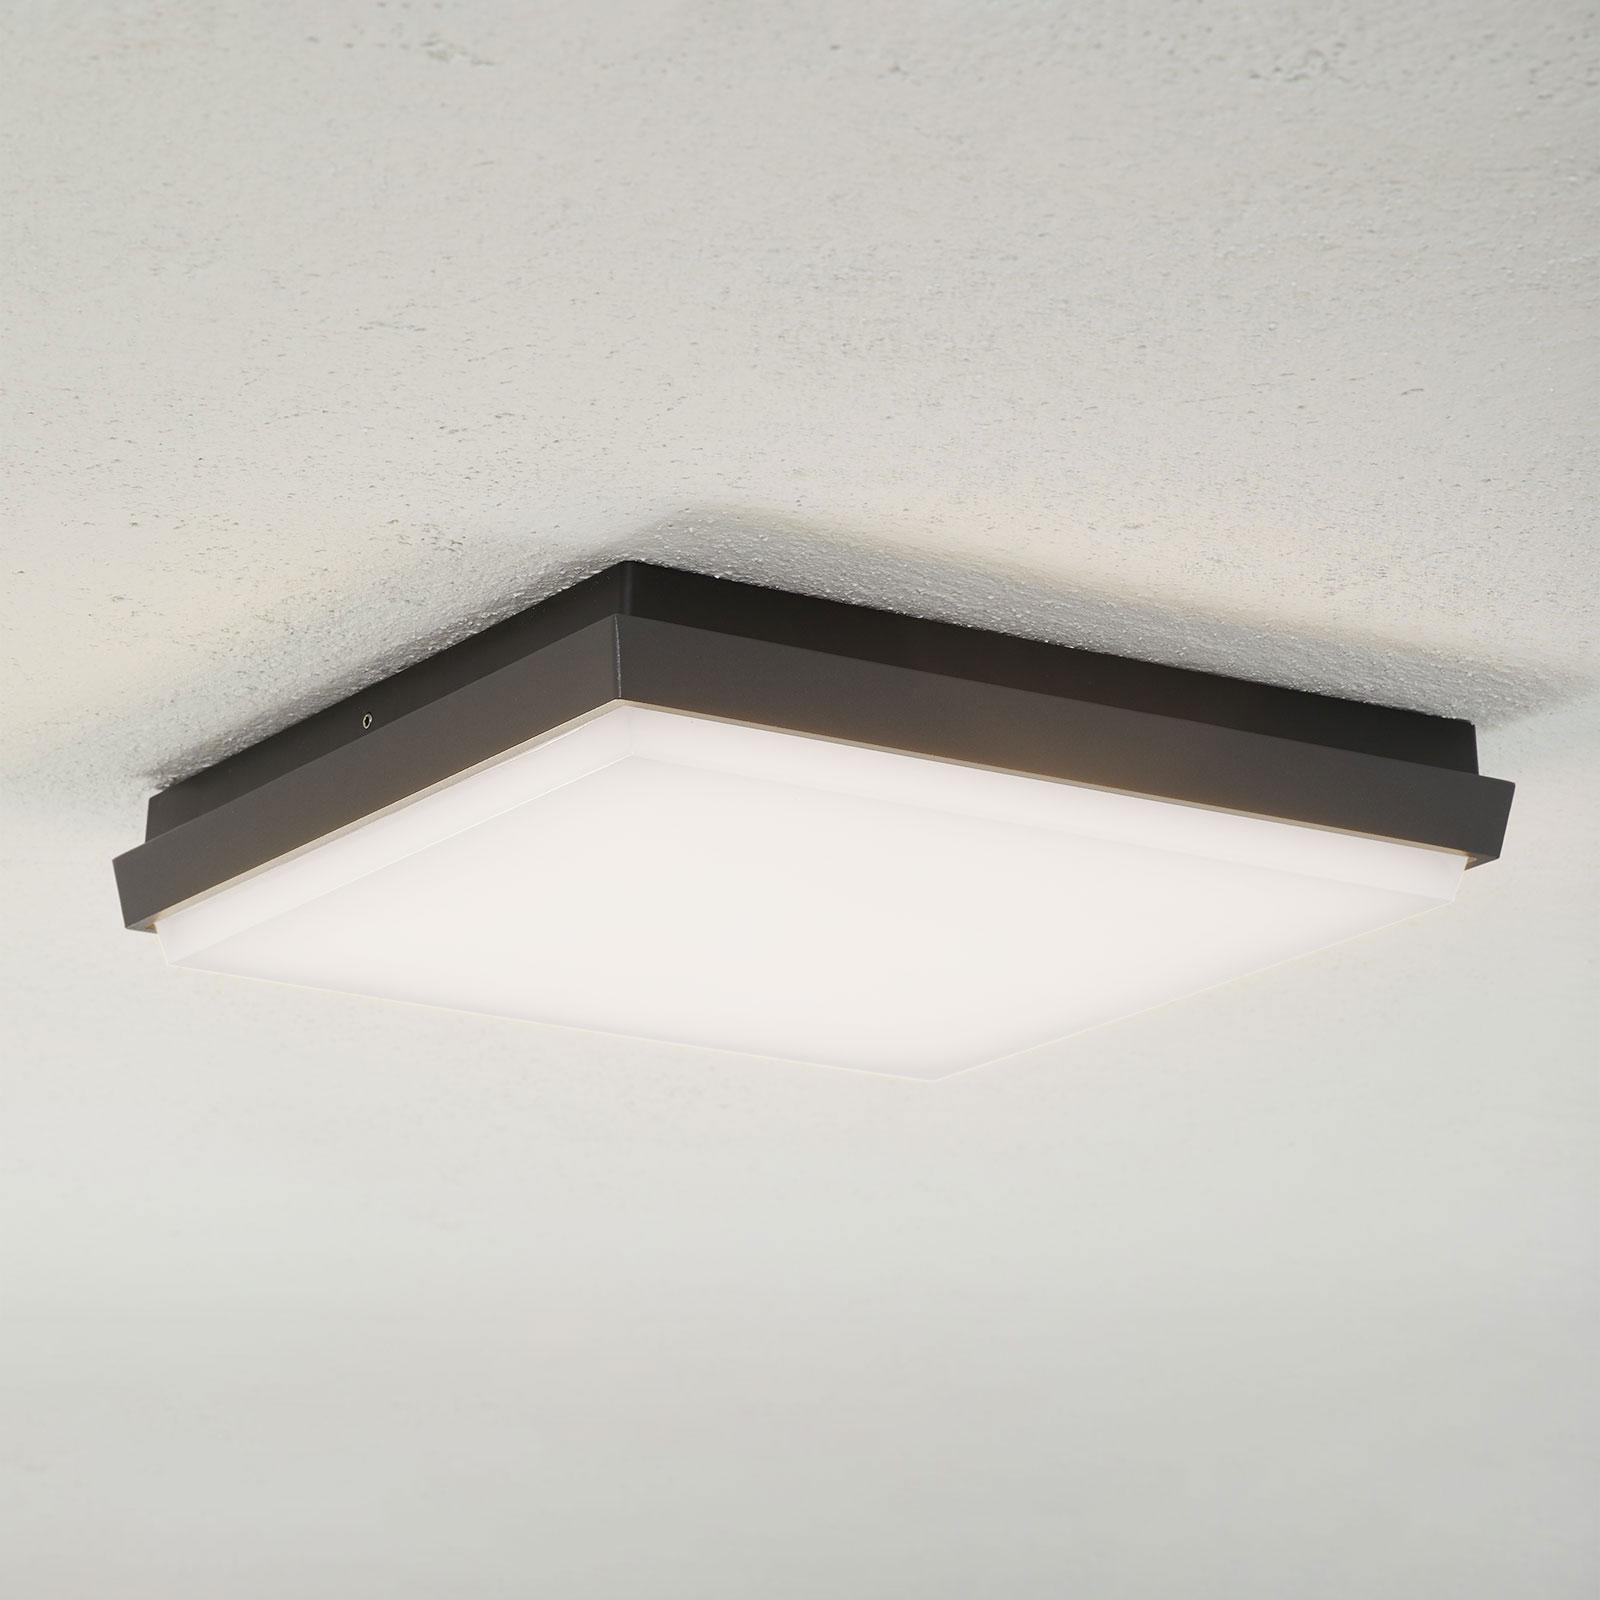 Lucande Amra udend. loftlampe, LED kantet 30 cm